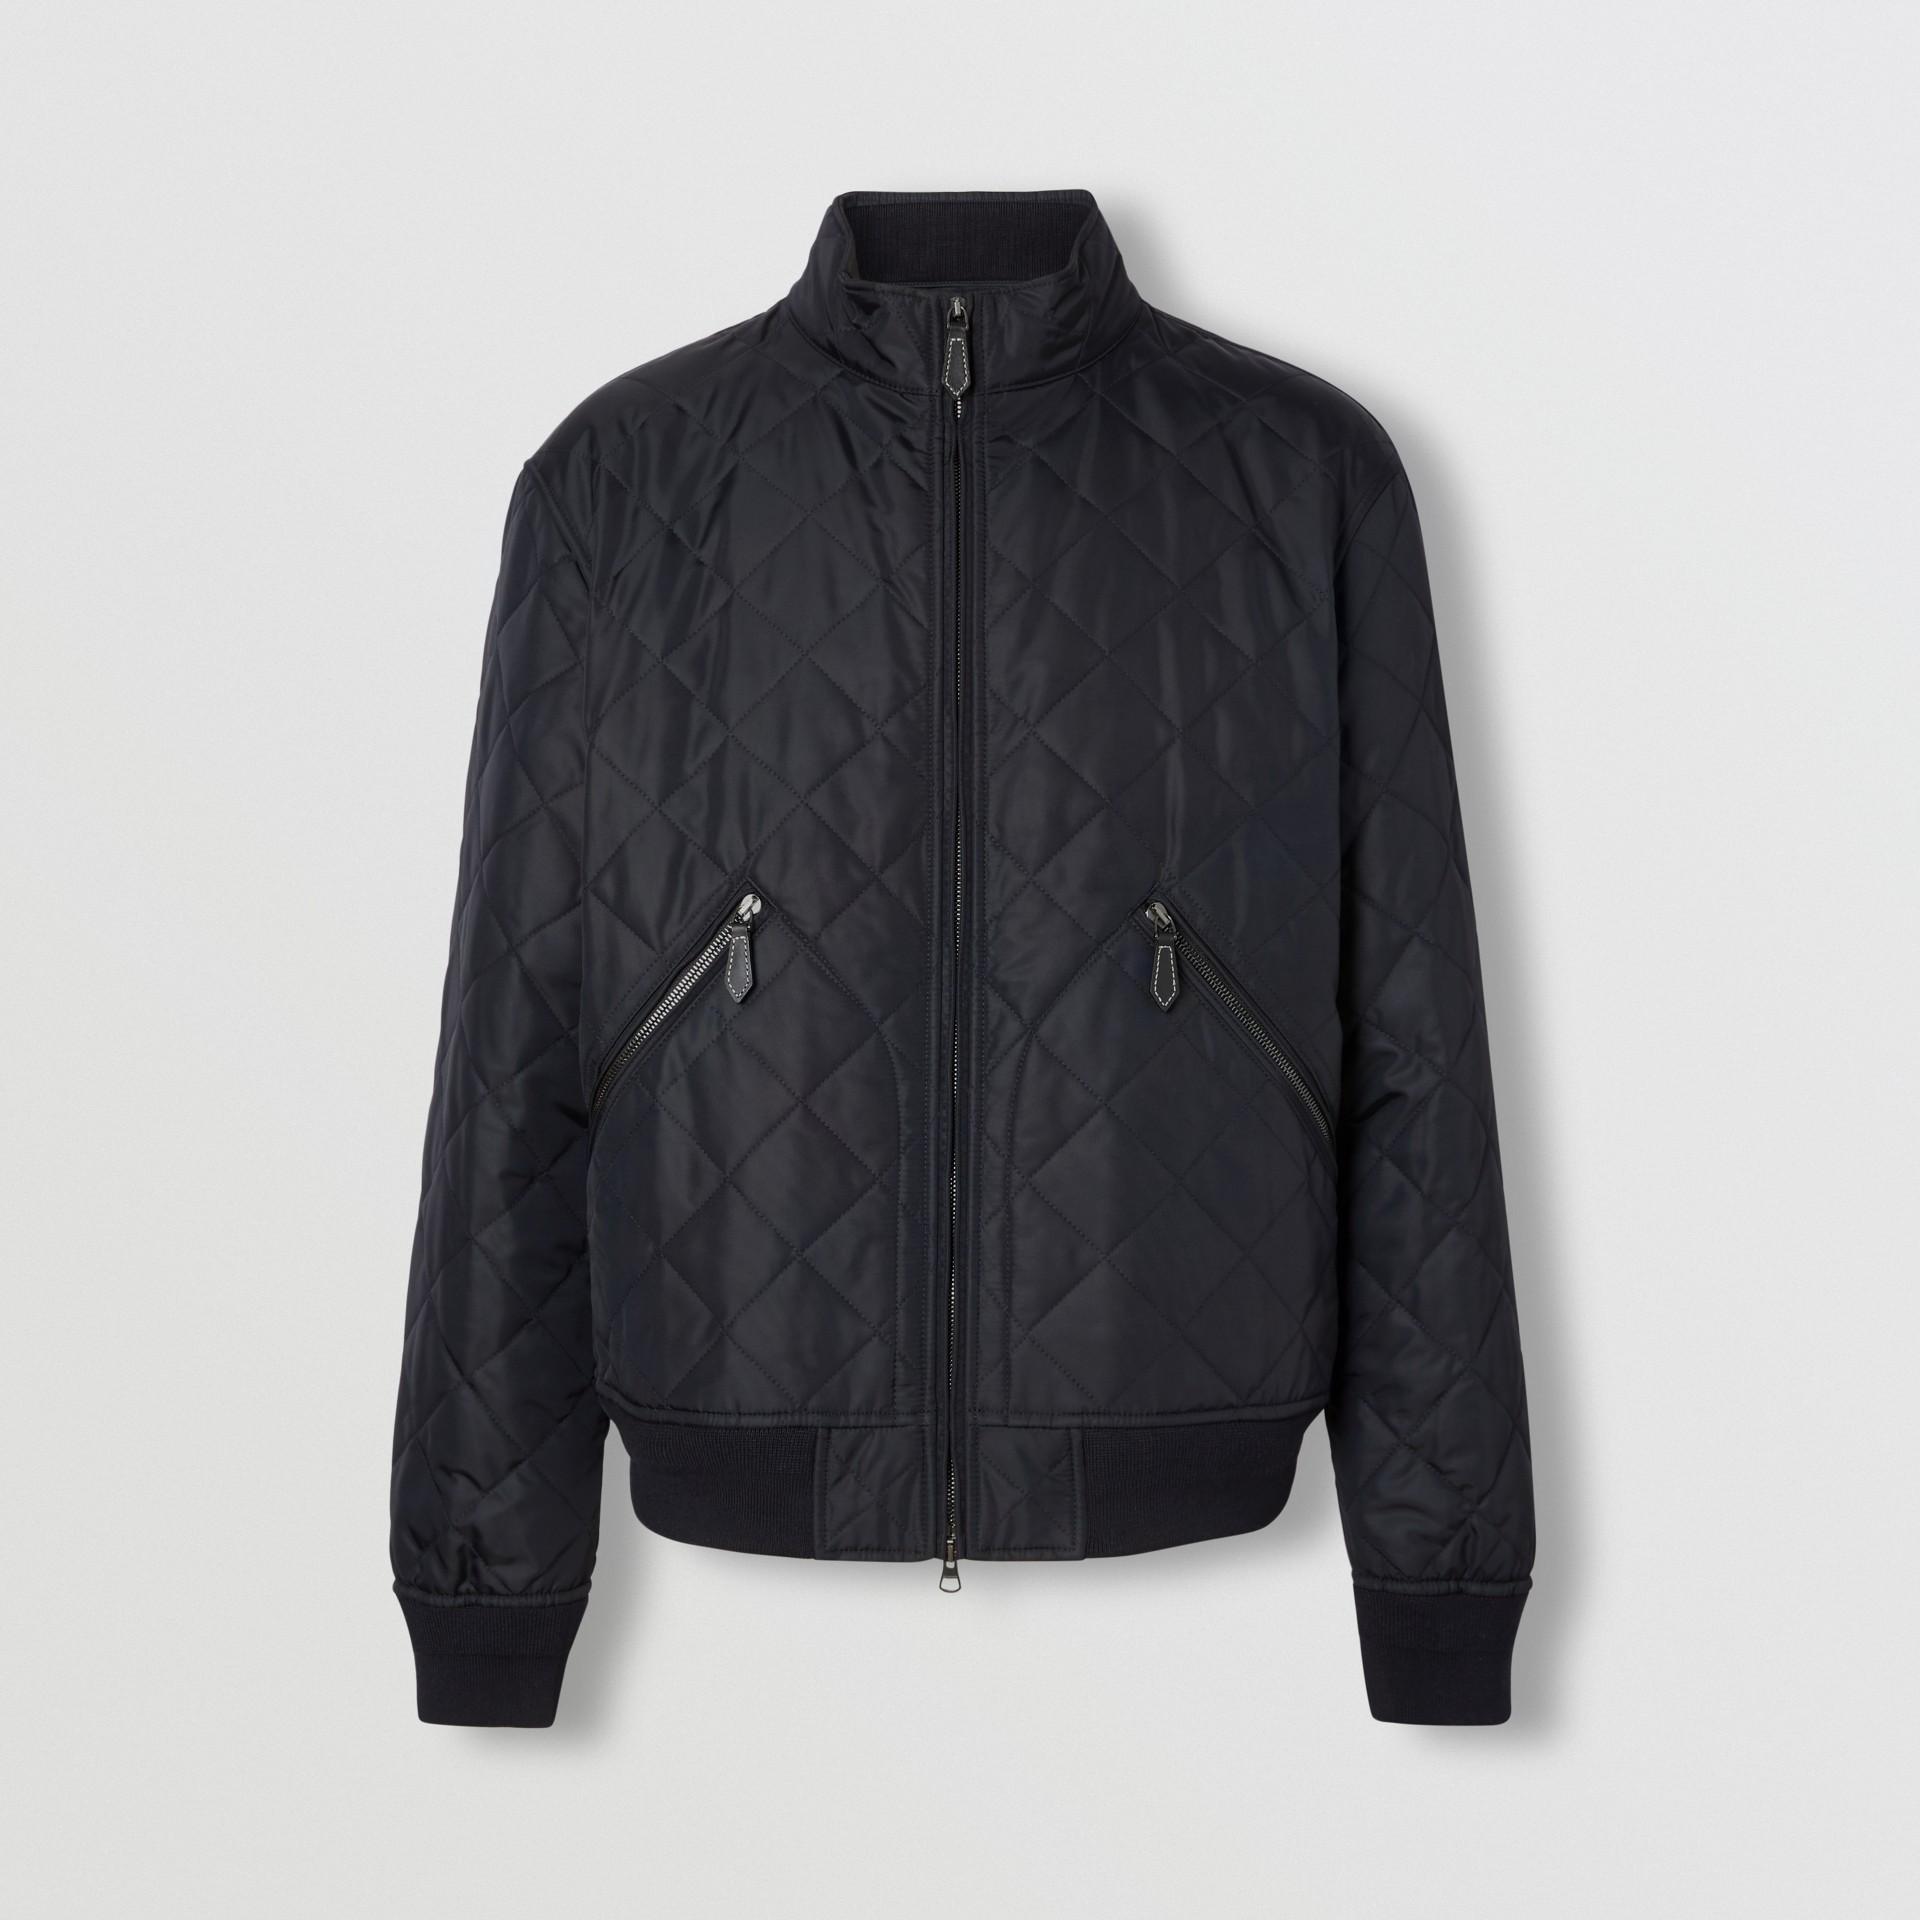 다이아몬드 퀼팅 체온조절 재킷 (네이비) - 남성 | Burberry - 갤러리 이미지 3